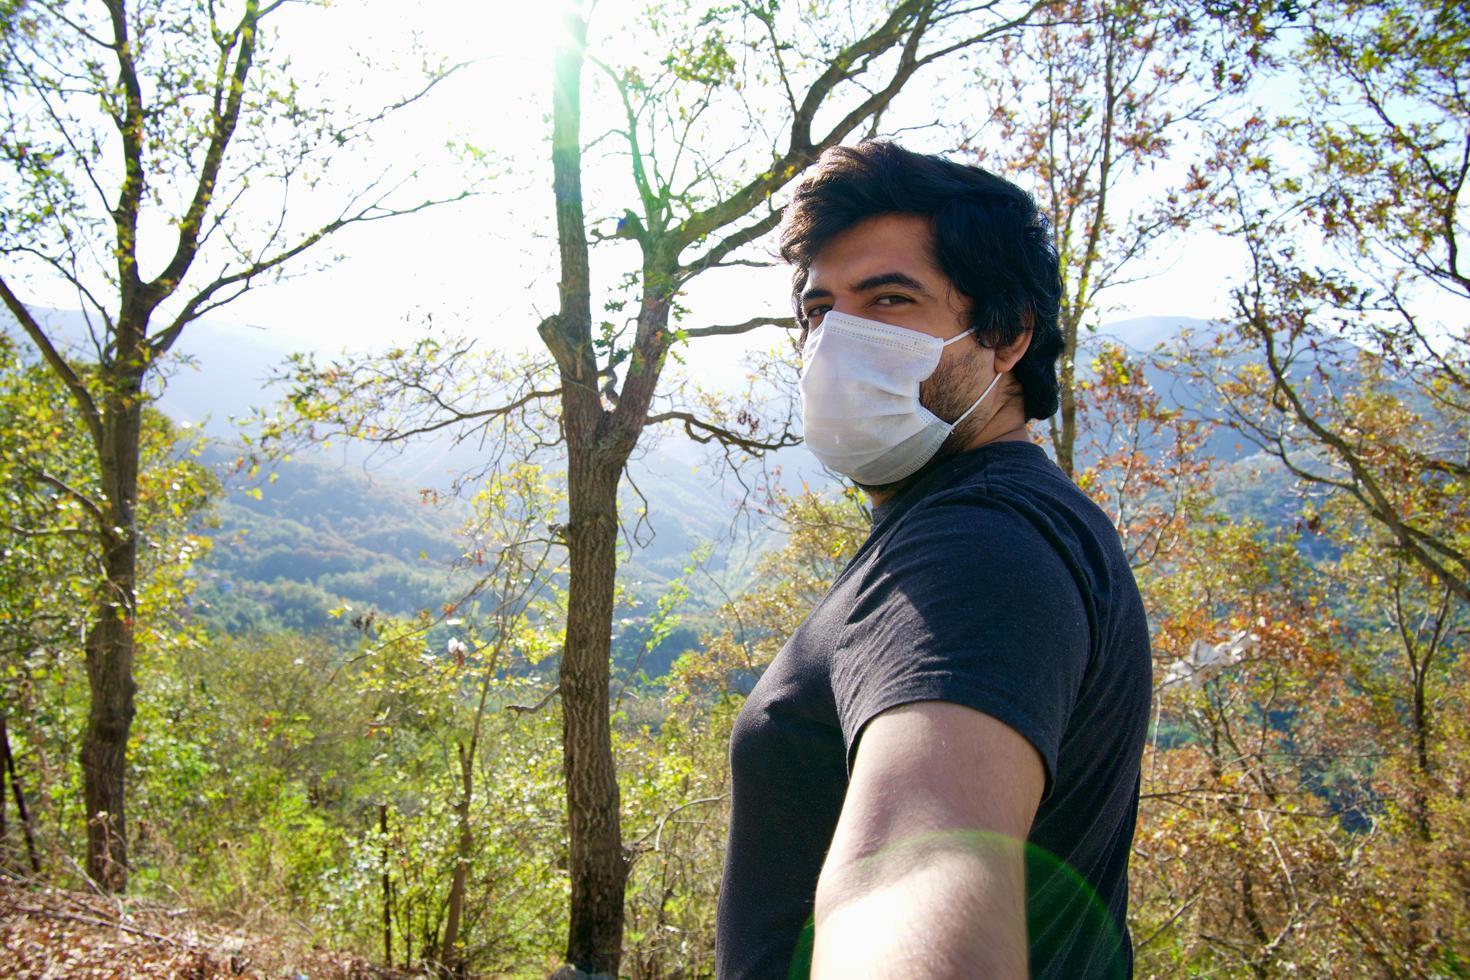 hombre que lleva una mascarilla y se toma un selfie en la naturaleza. foto